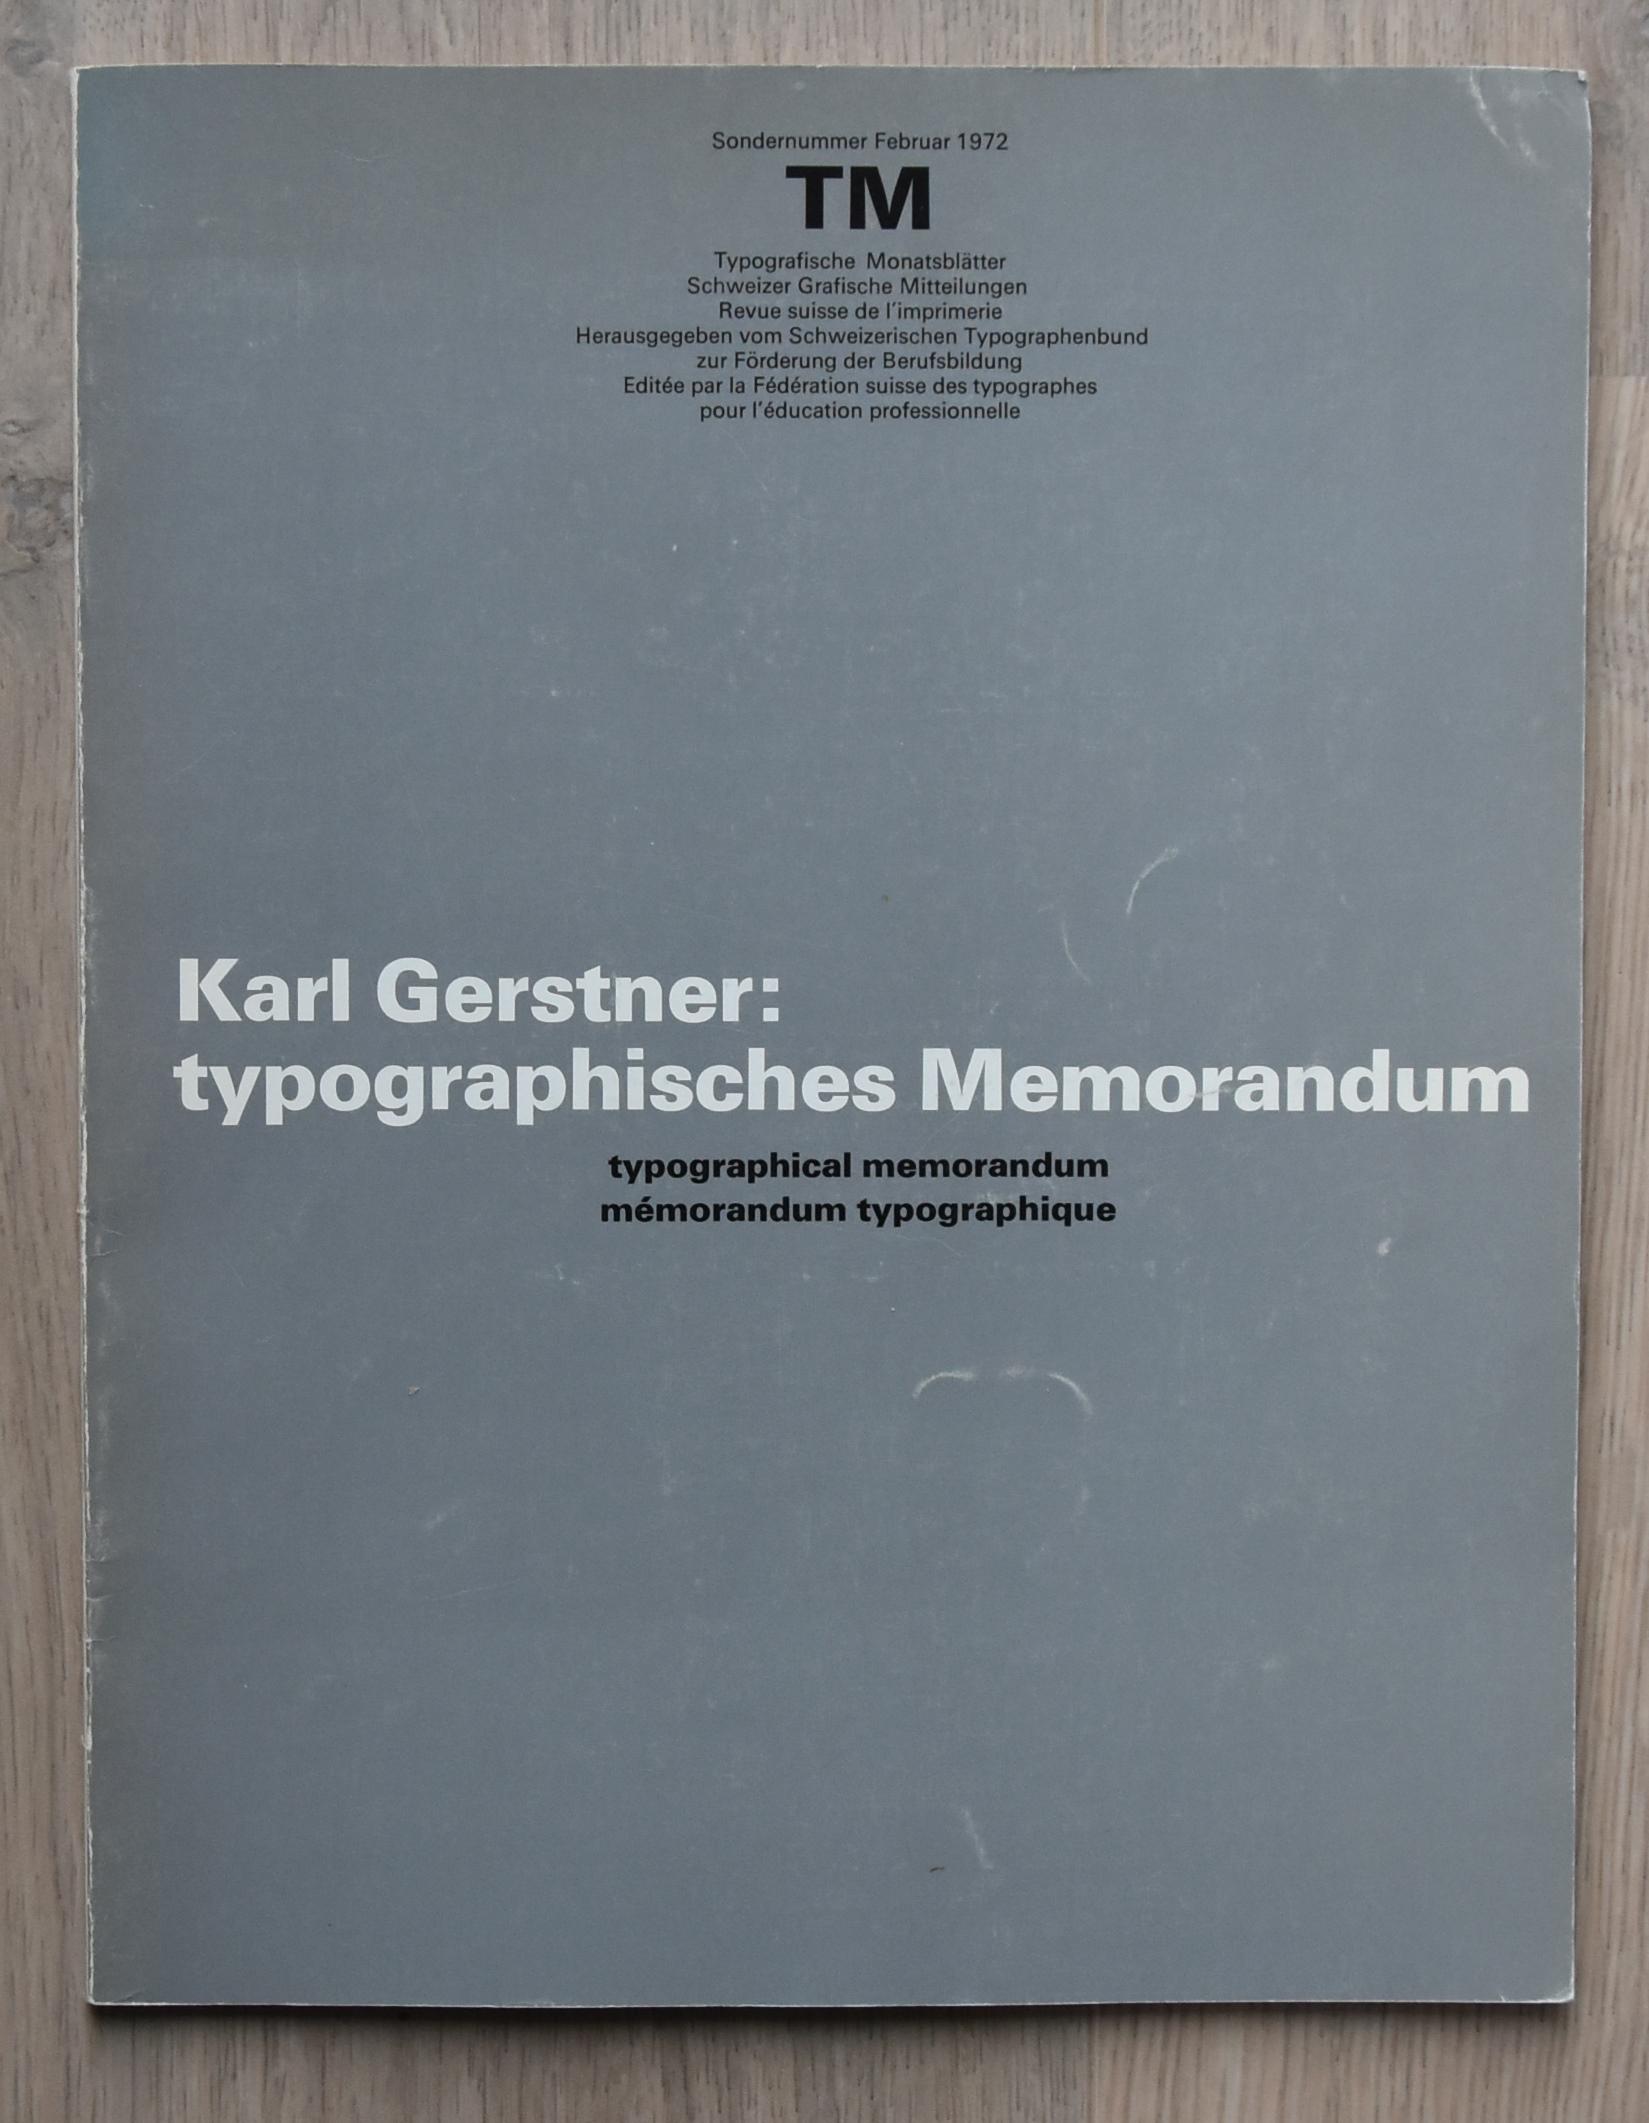 gerstner memorandum